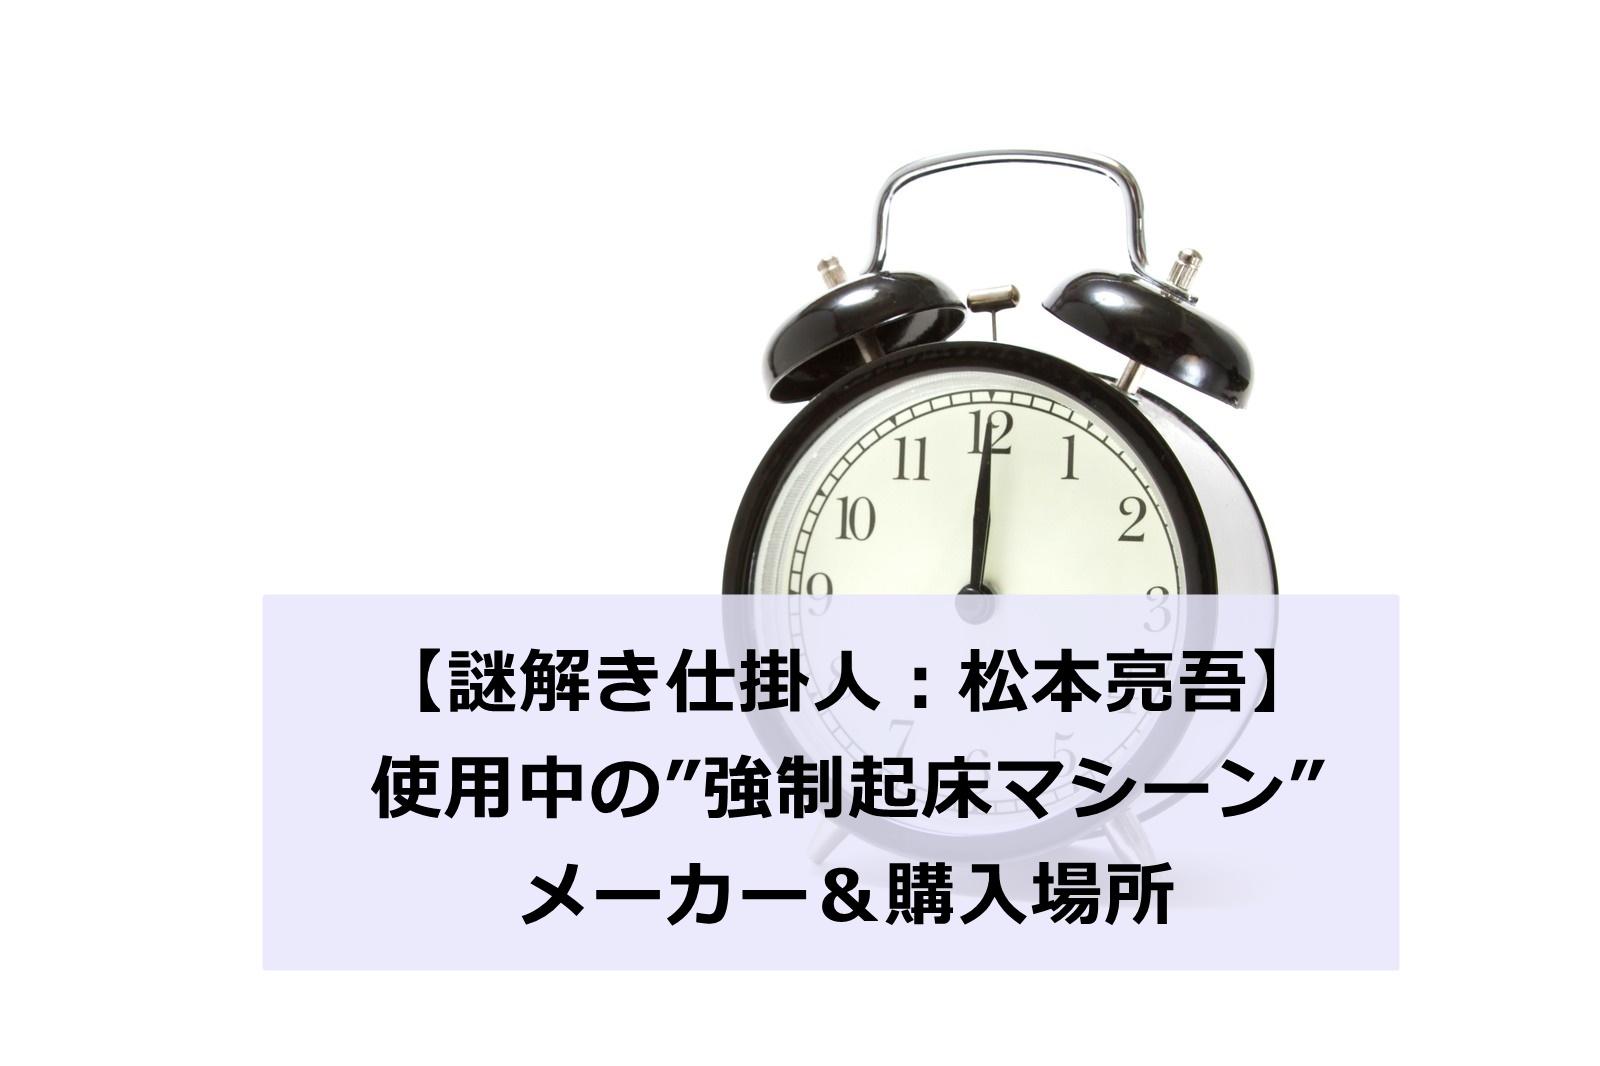 【売切続出】松本亮吾が有吉ゼミで紹介した強制起床マシーンのメーカーと購入場所は?